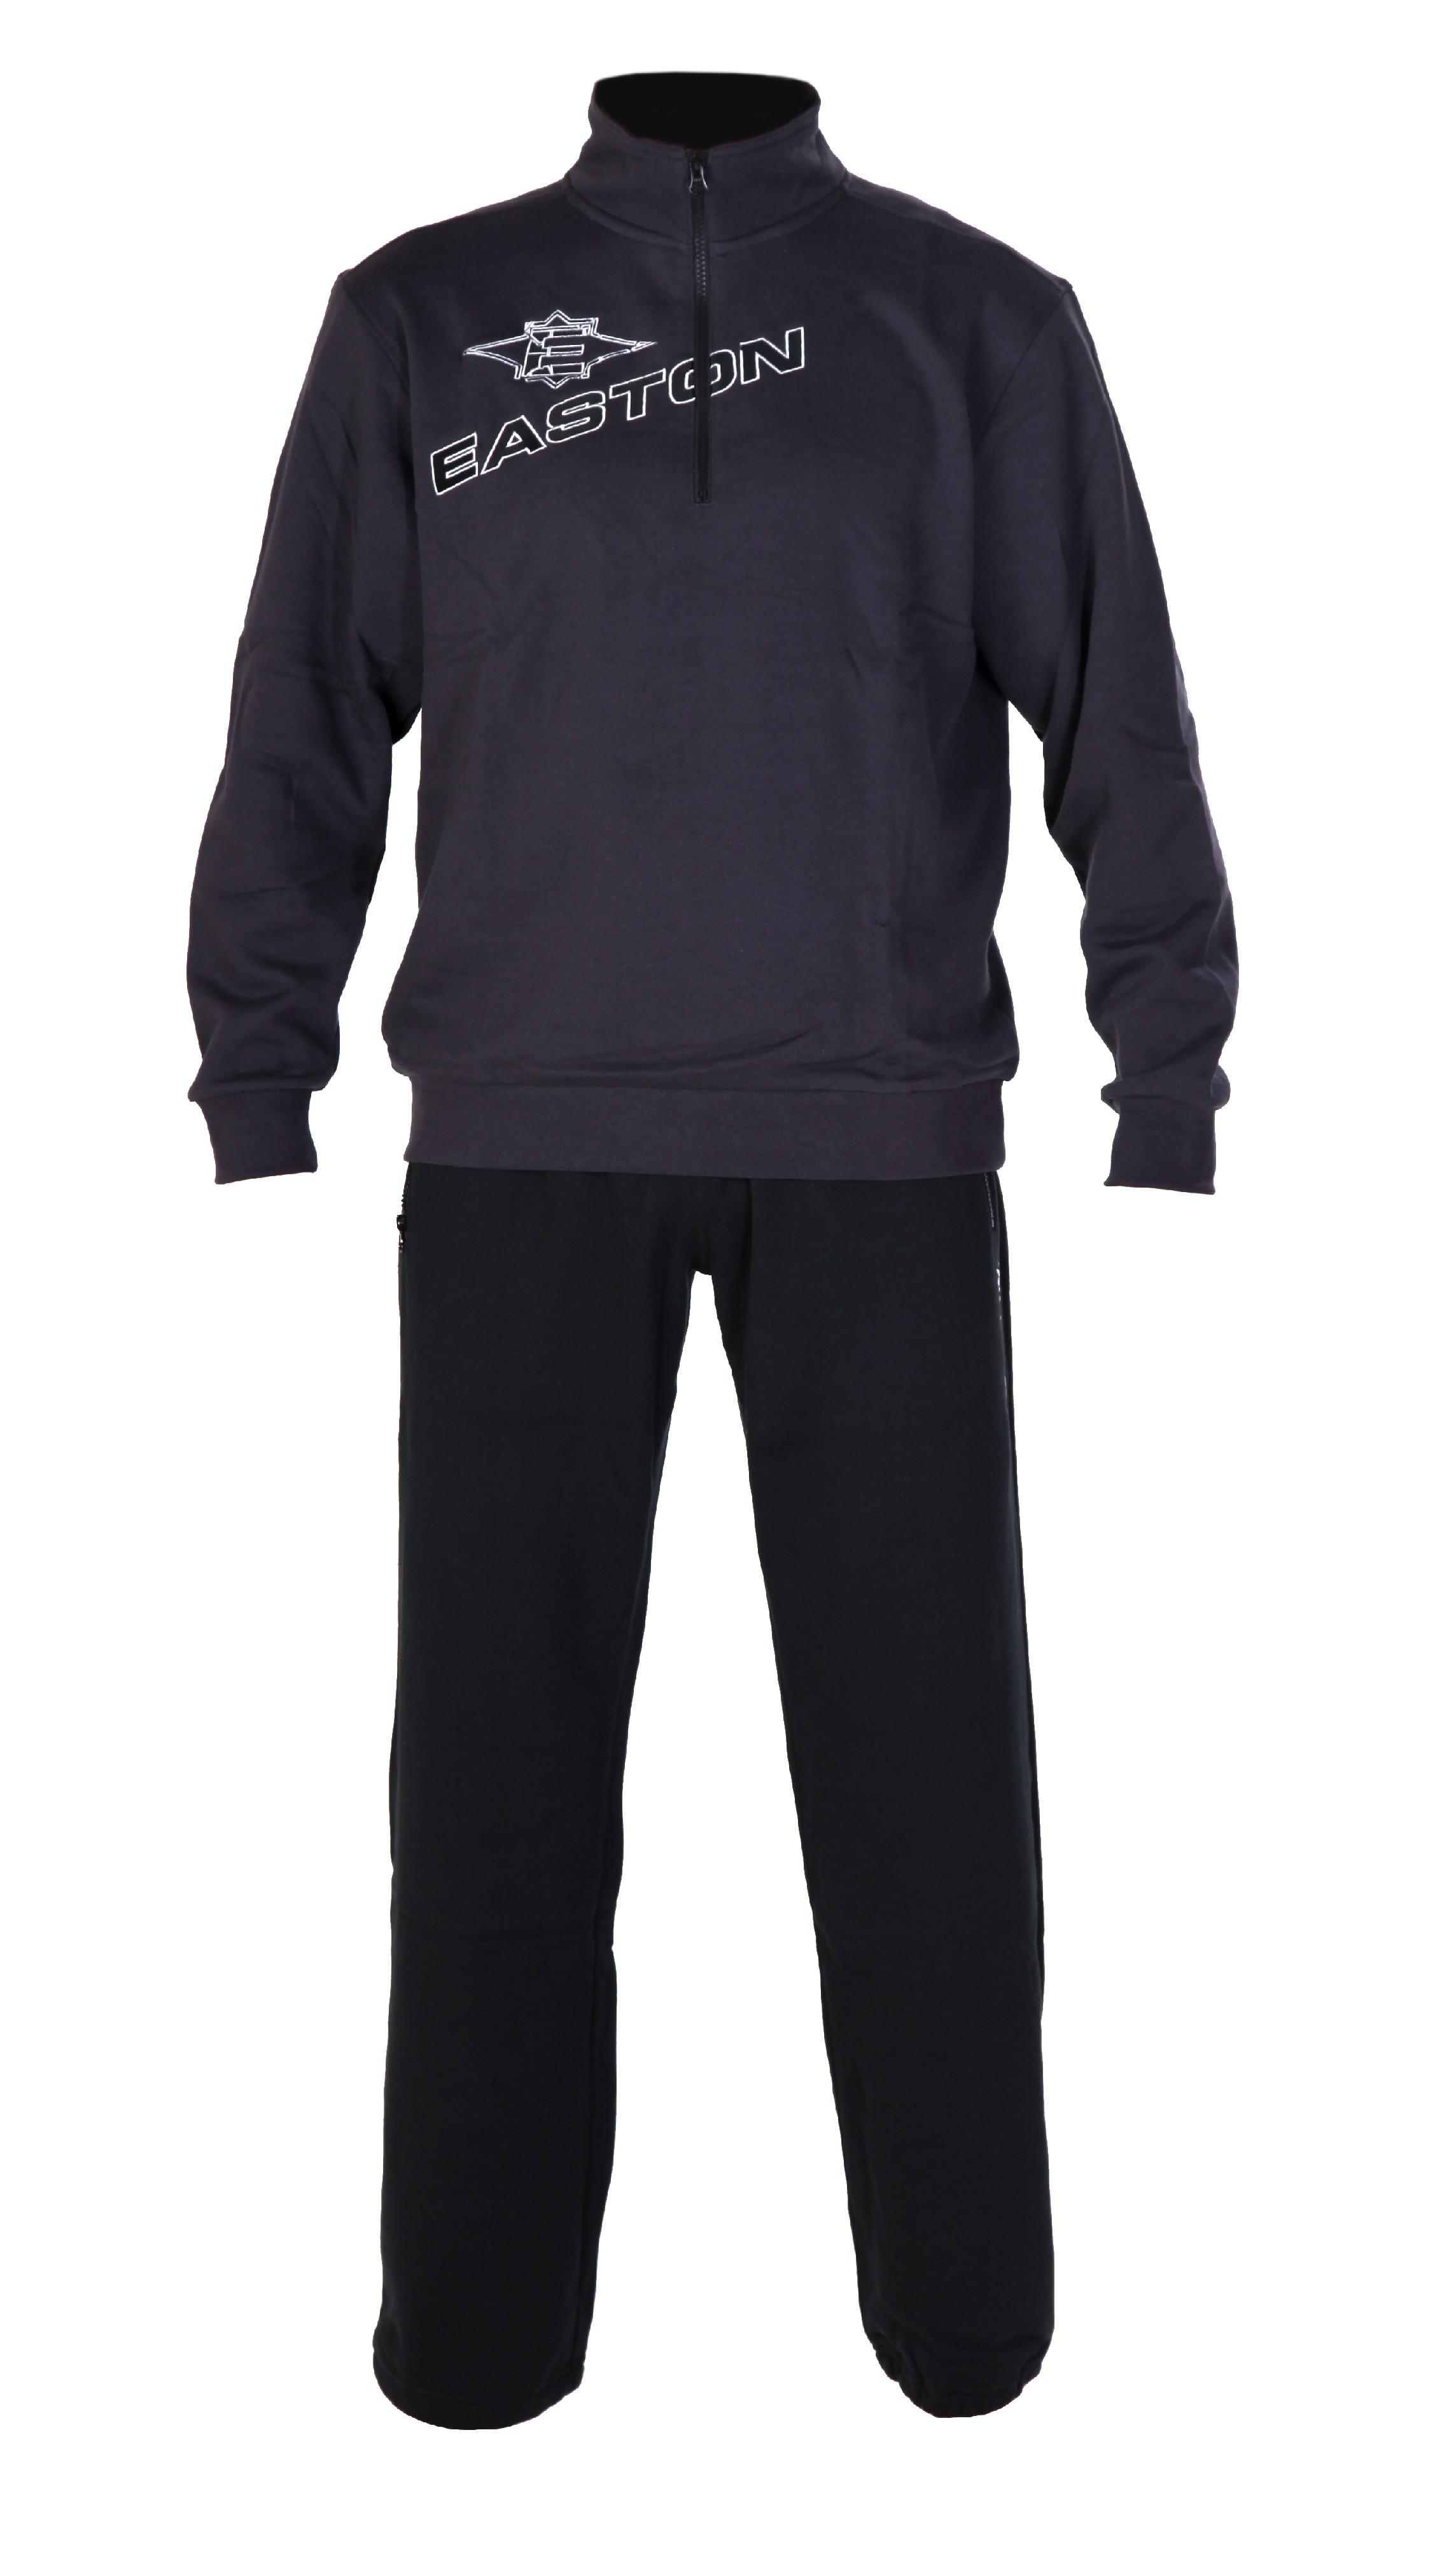 EASTON Adult Jogging Suit